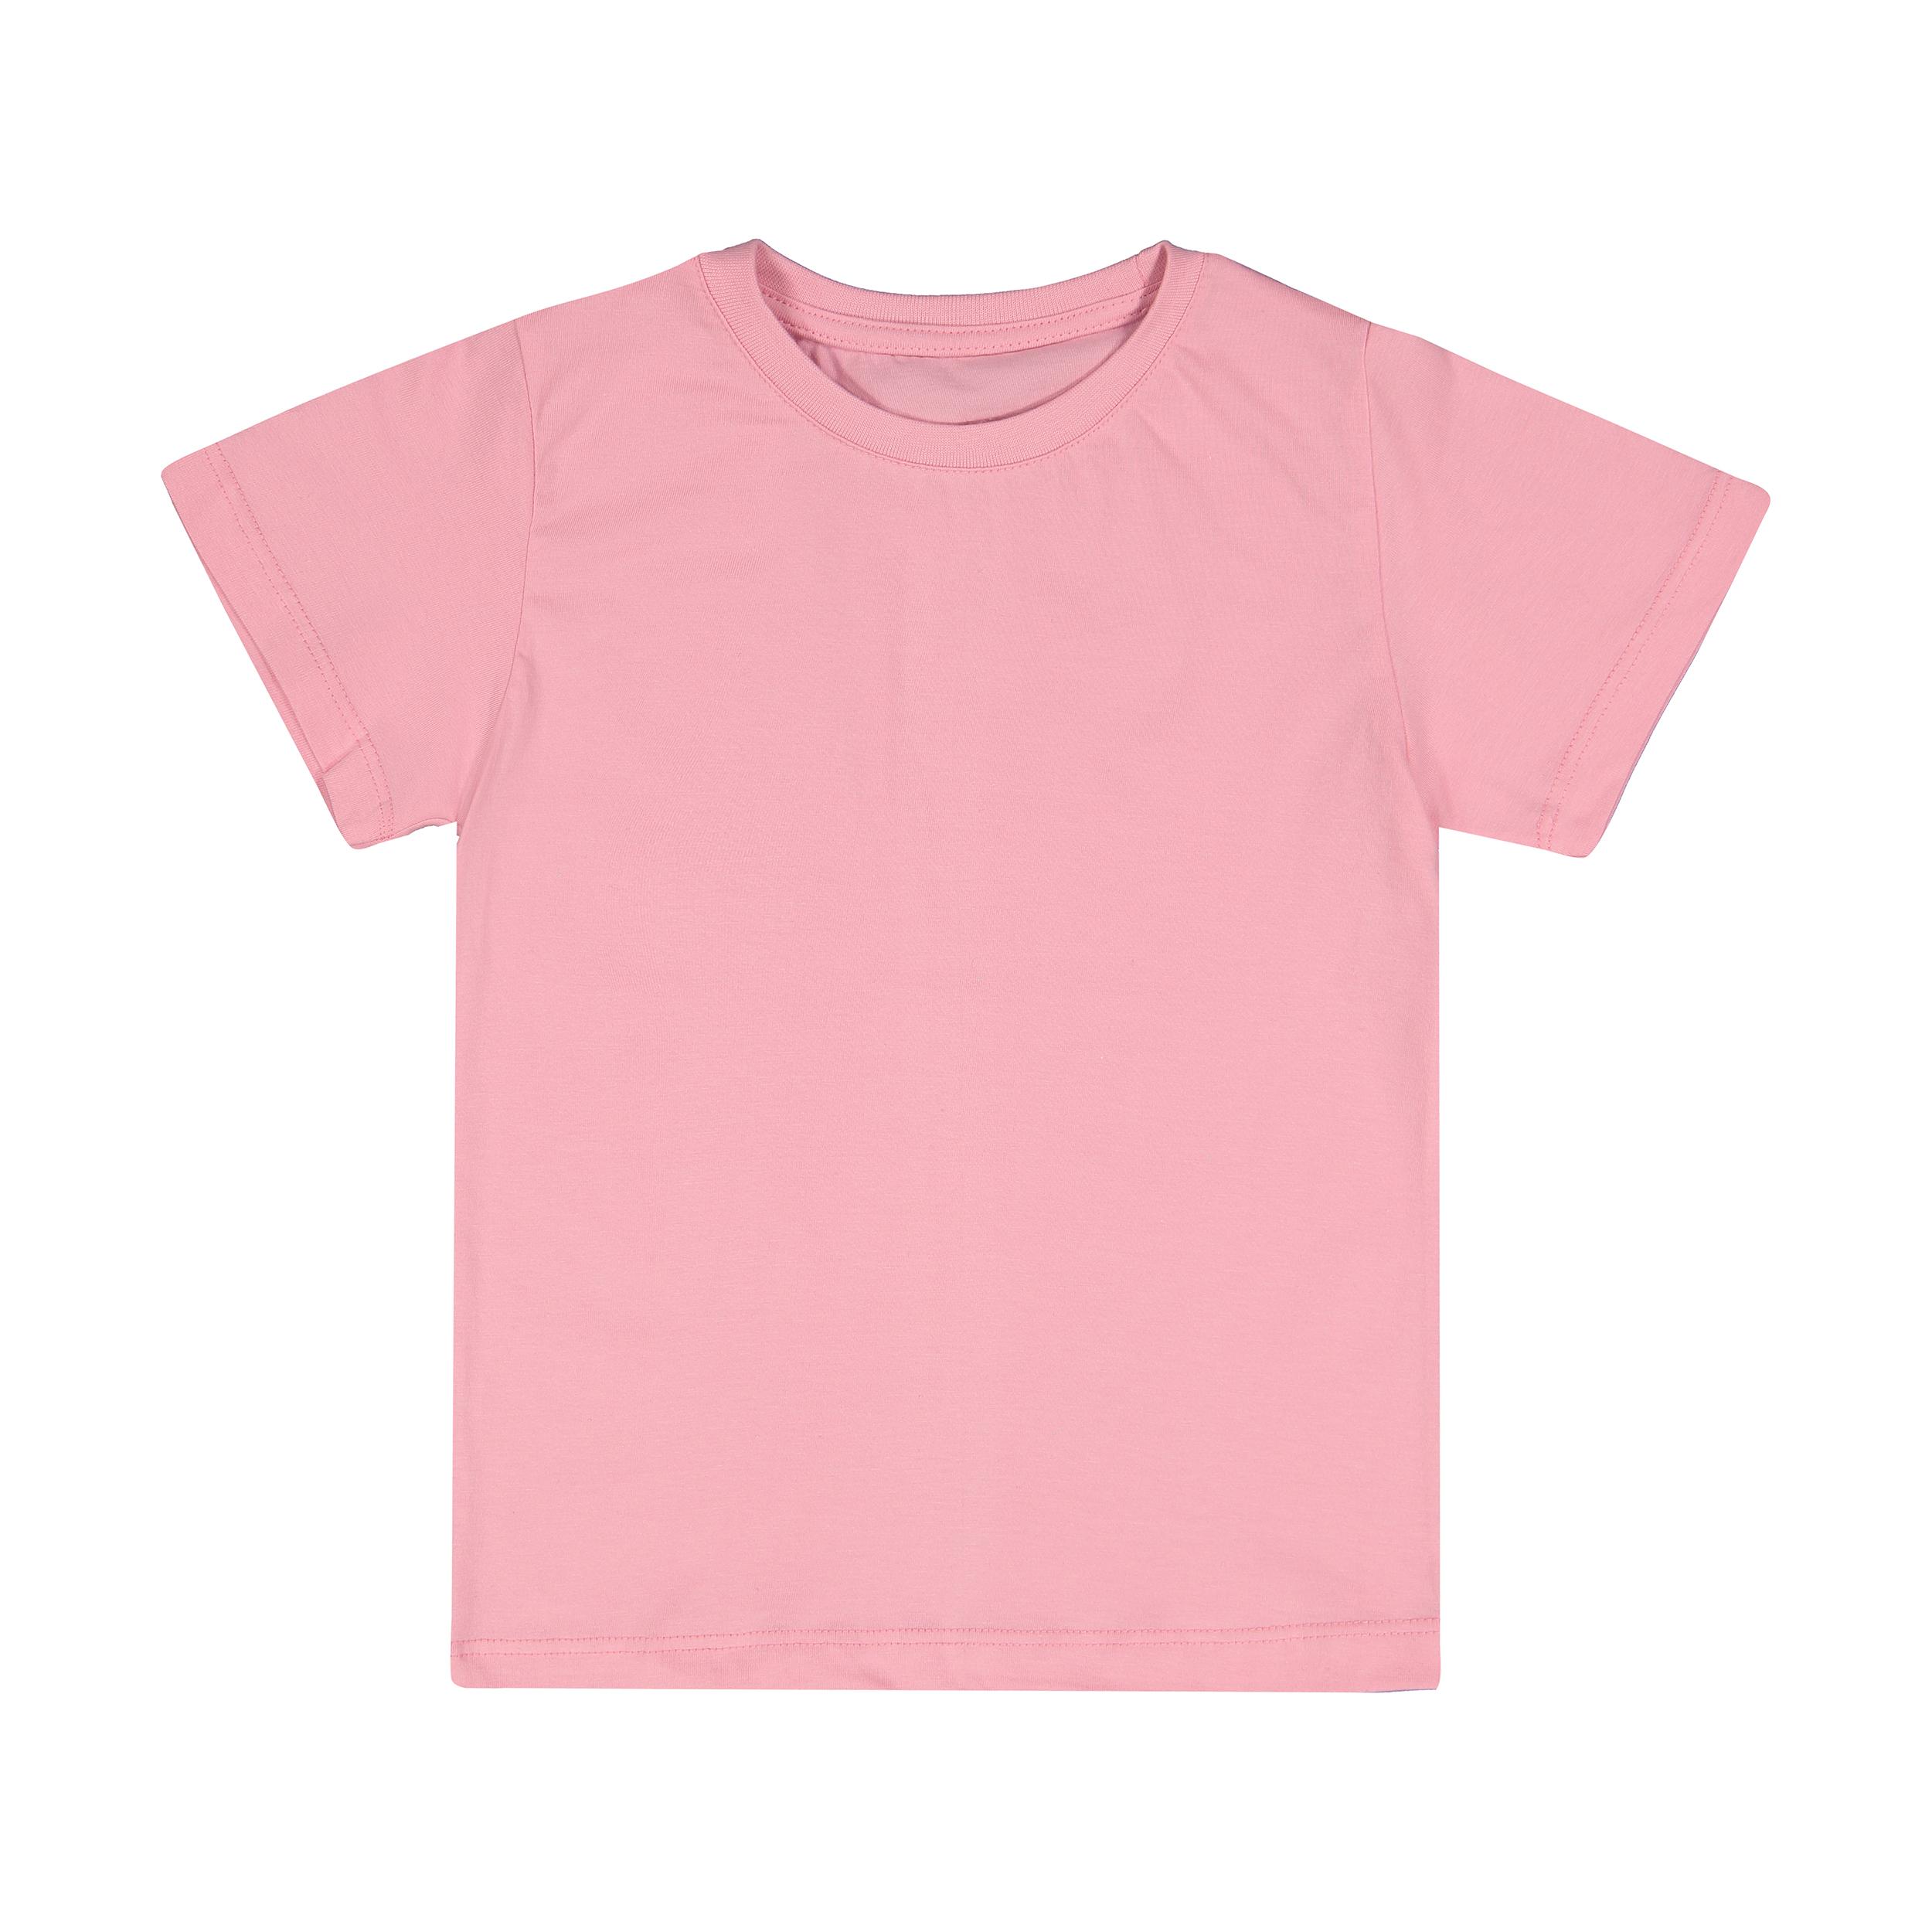 تاپ و تی شرت راحتی پسرانه